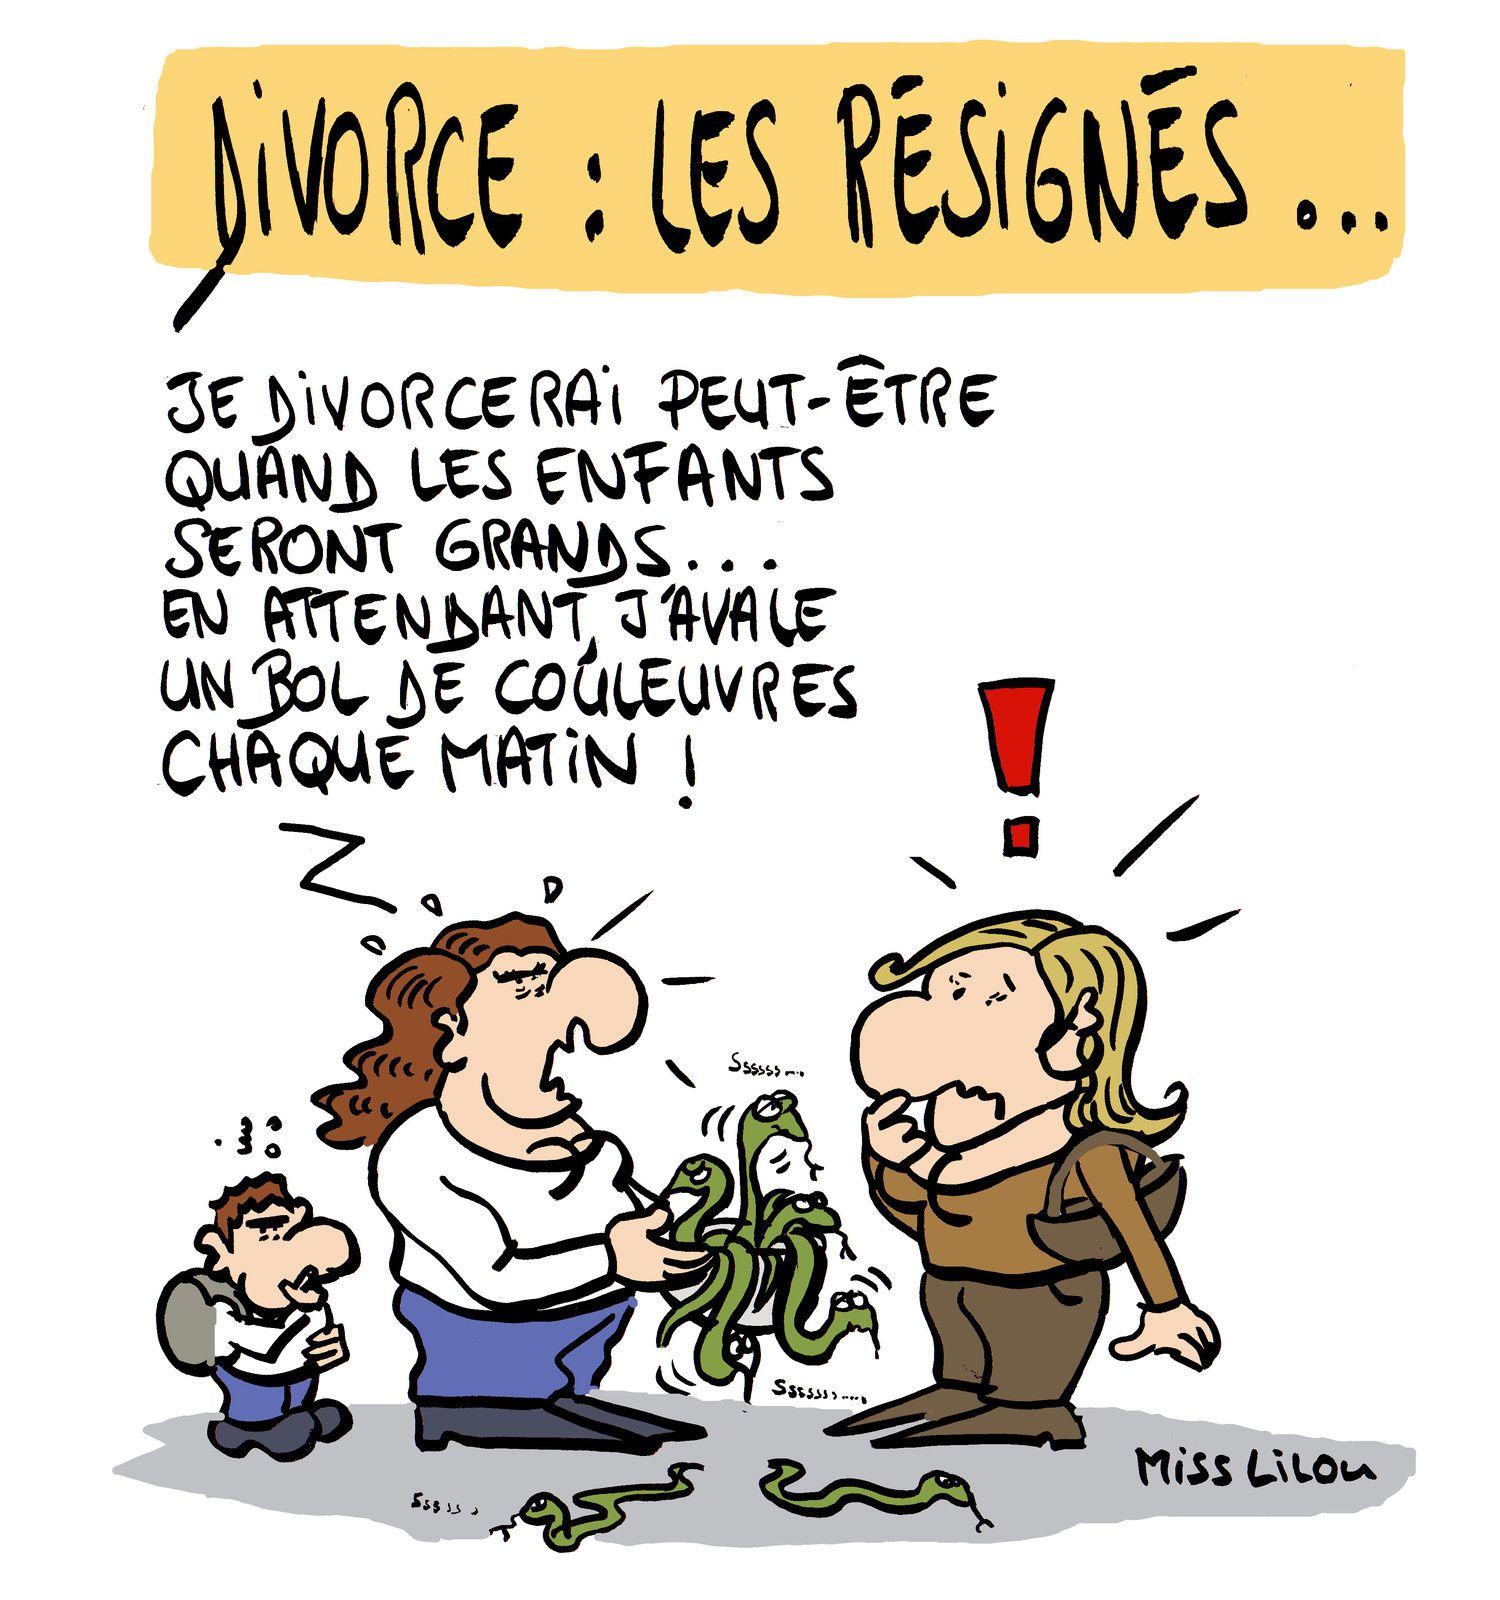 Divorce : les résignés...